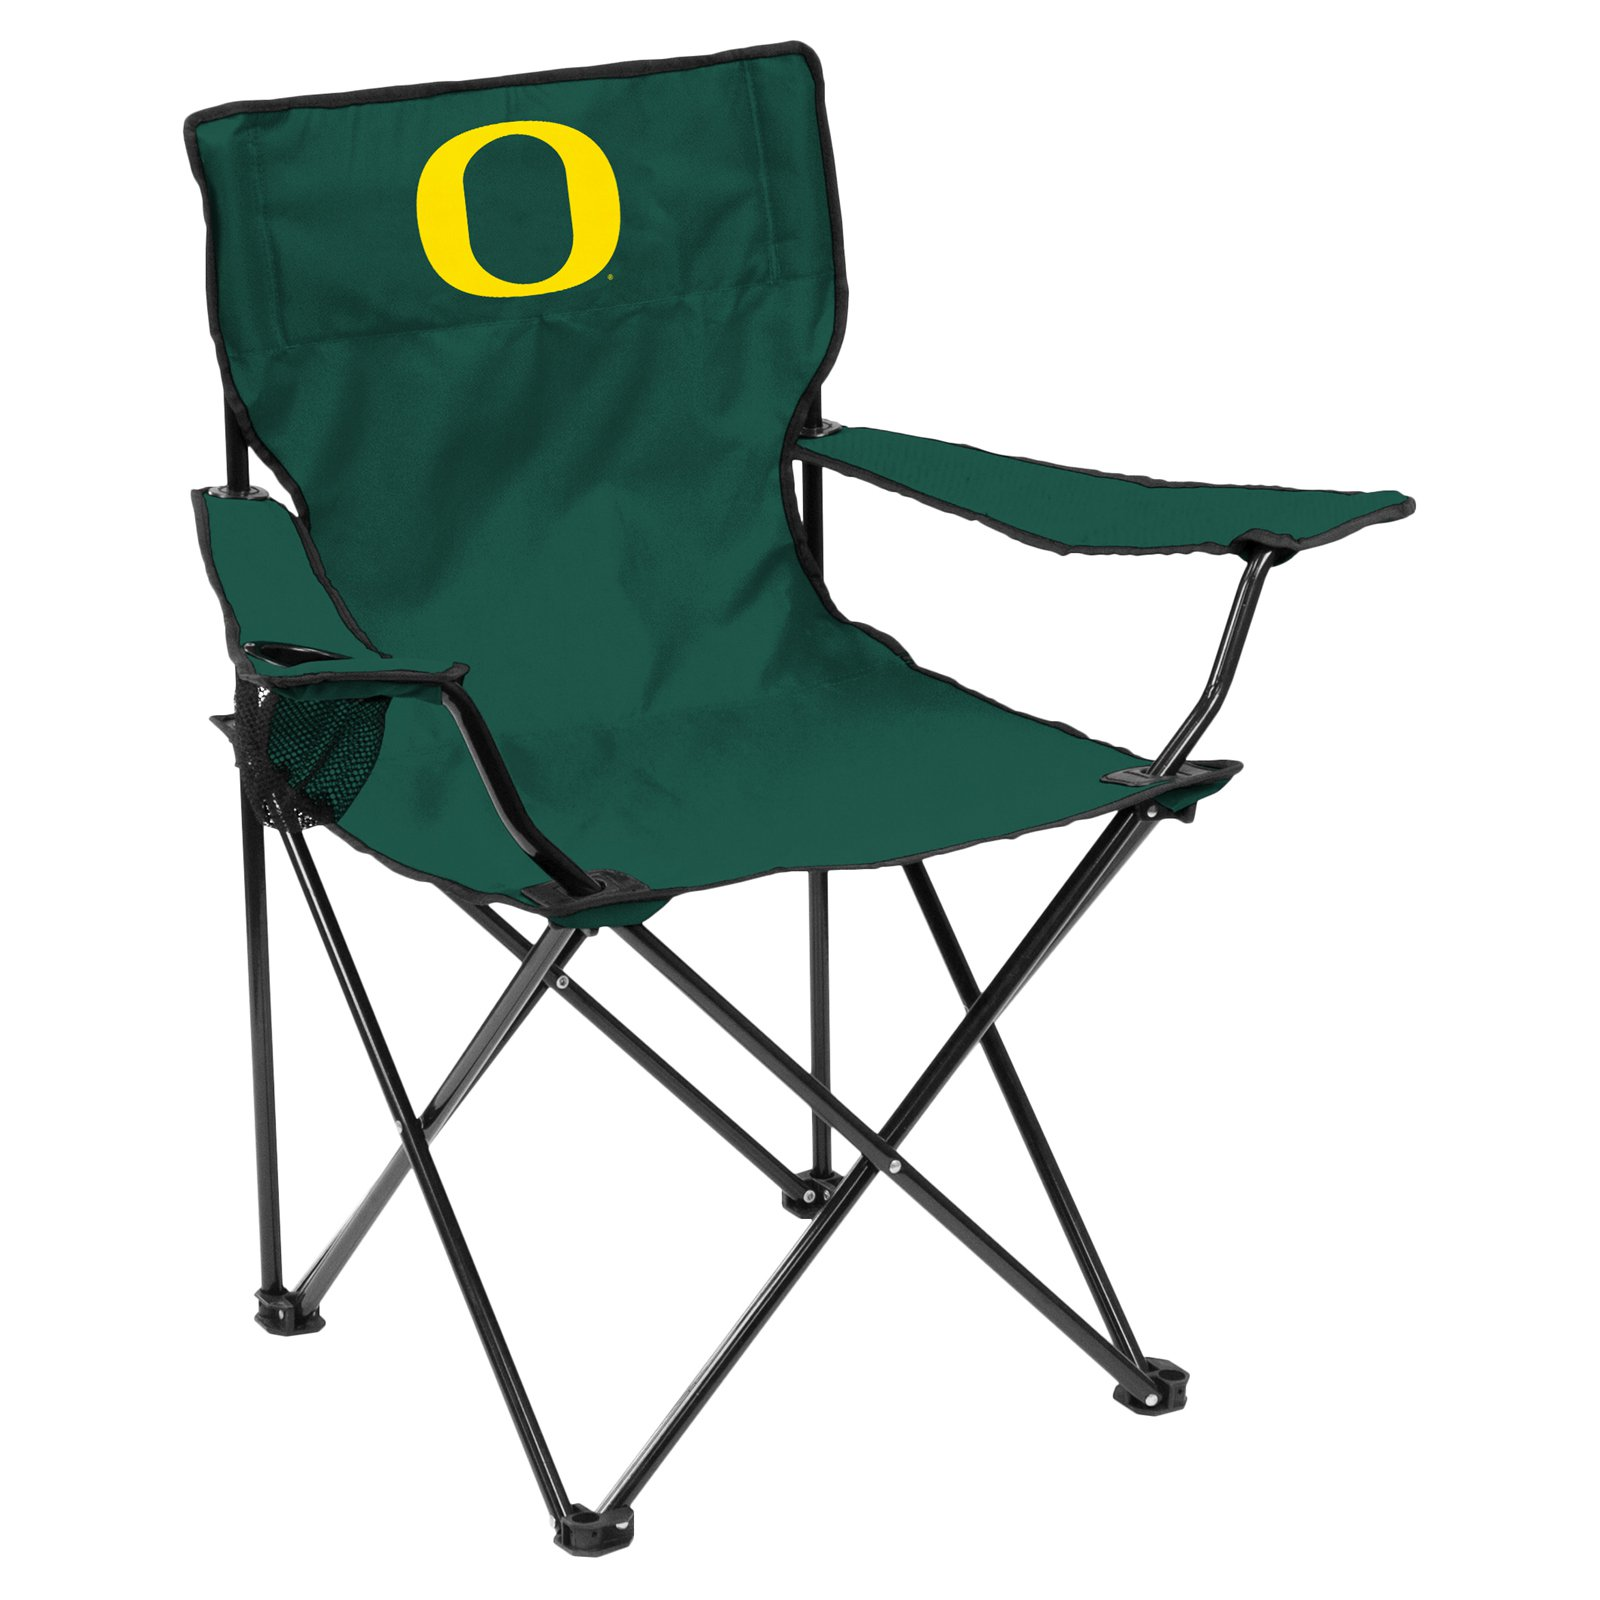 Logo NCAA Oregon Quad Chair